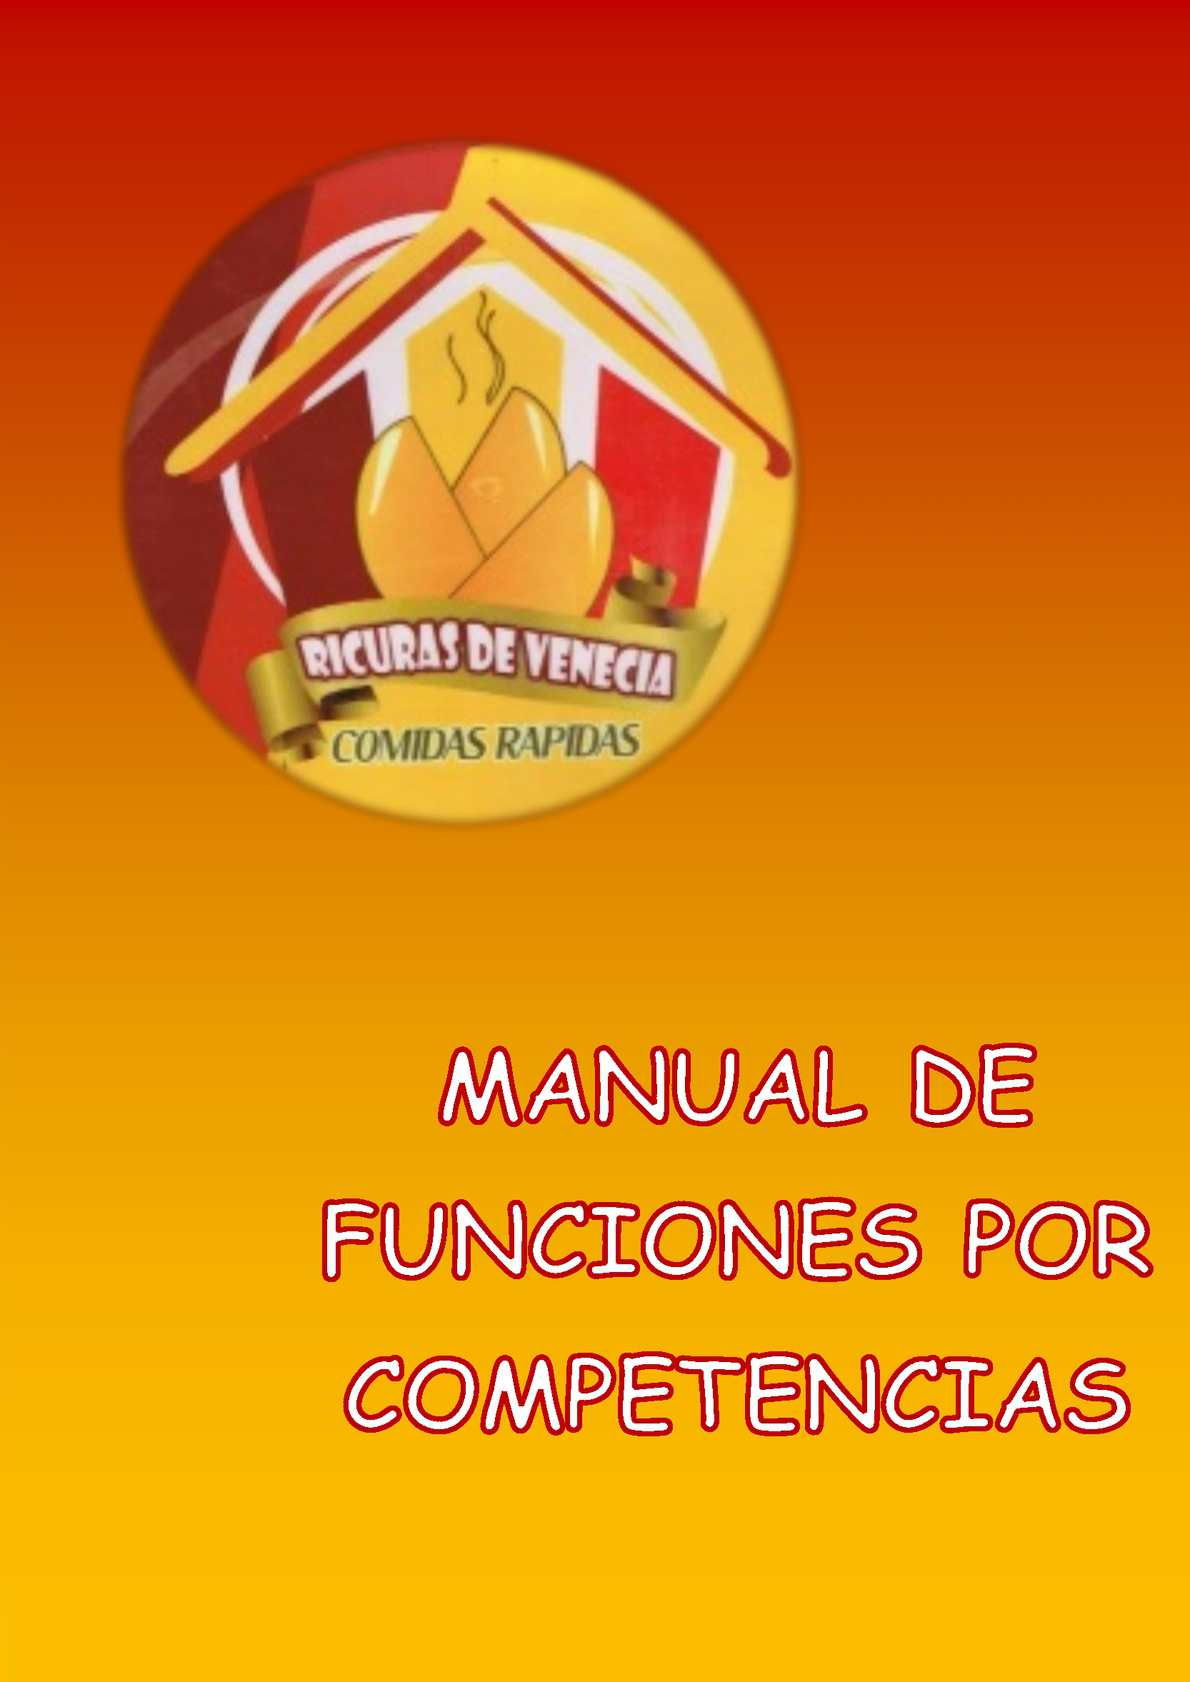 Calaméo - Manual De Funciones Por Competencias Entregable Final